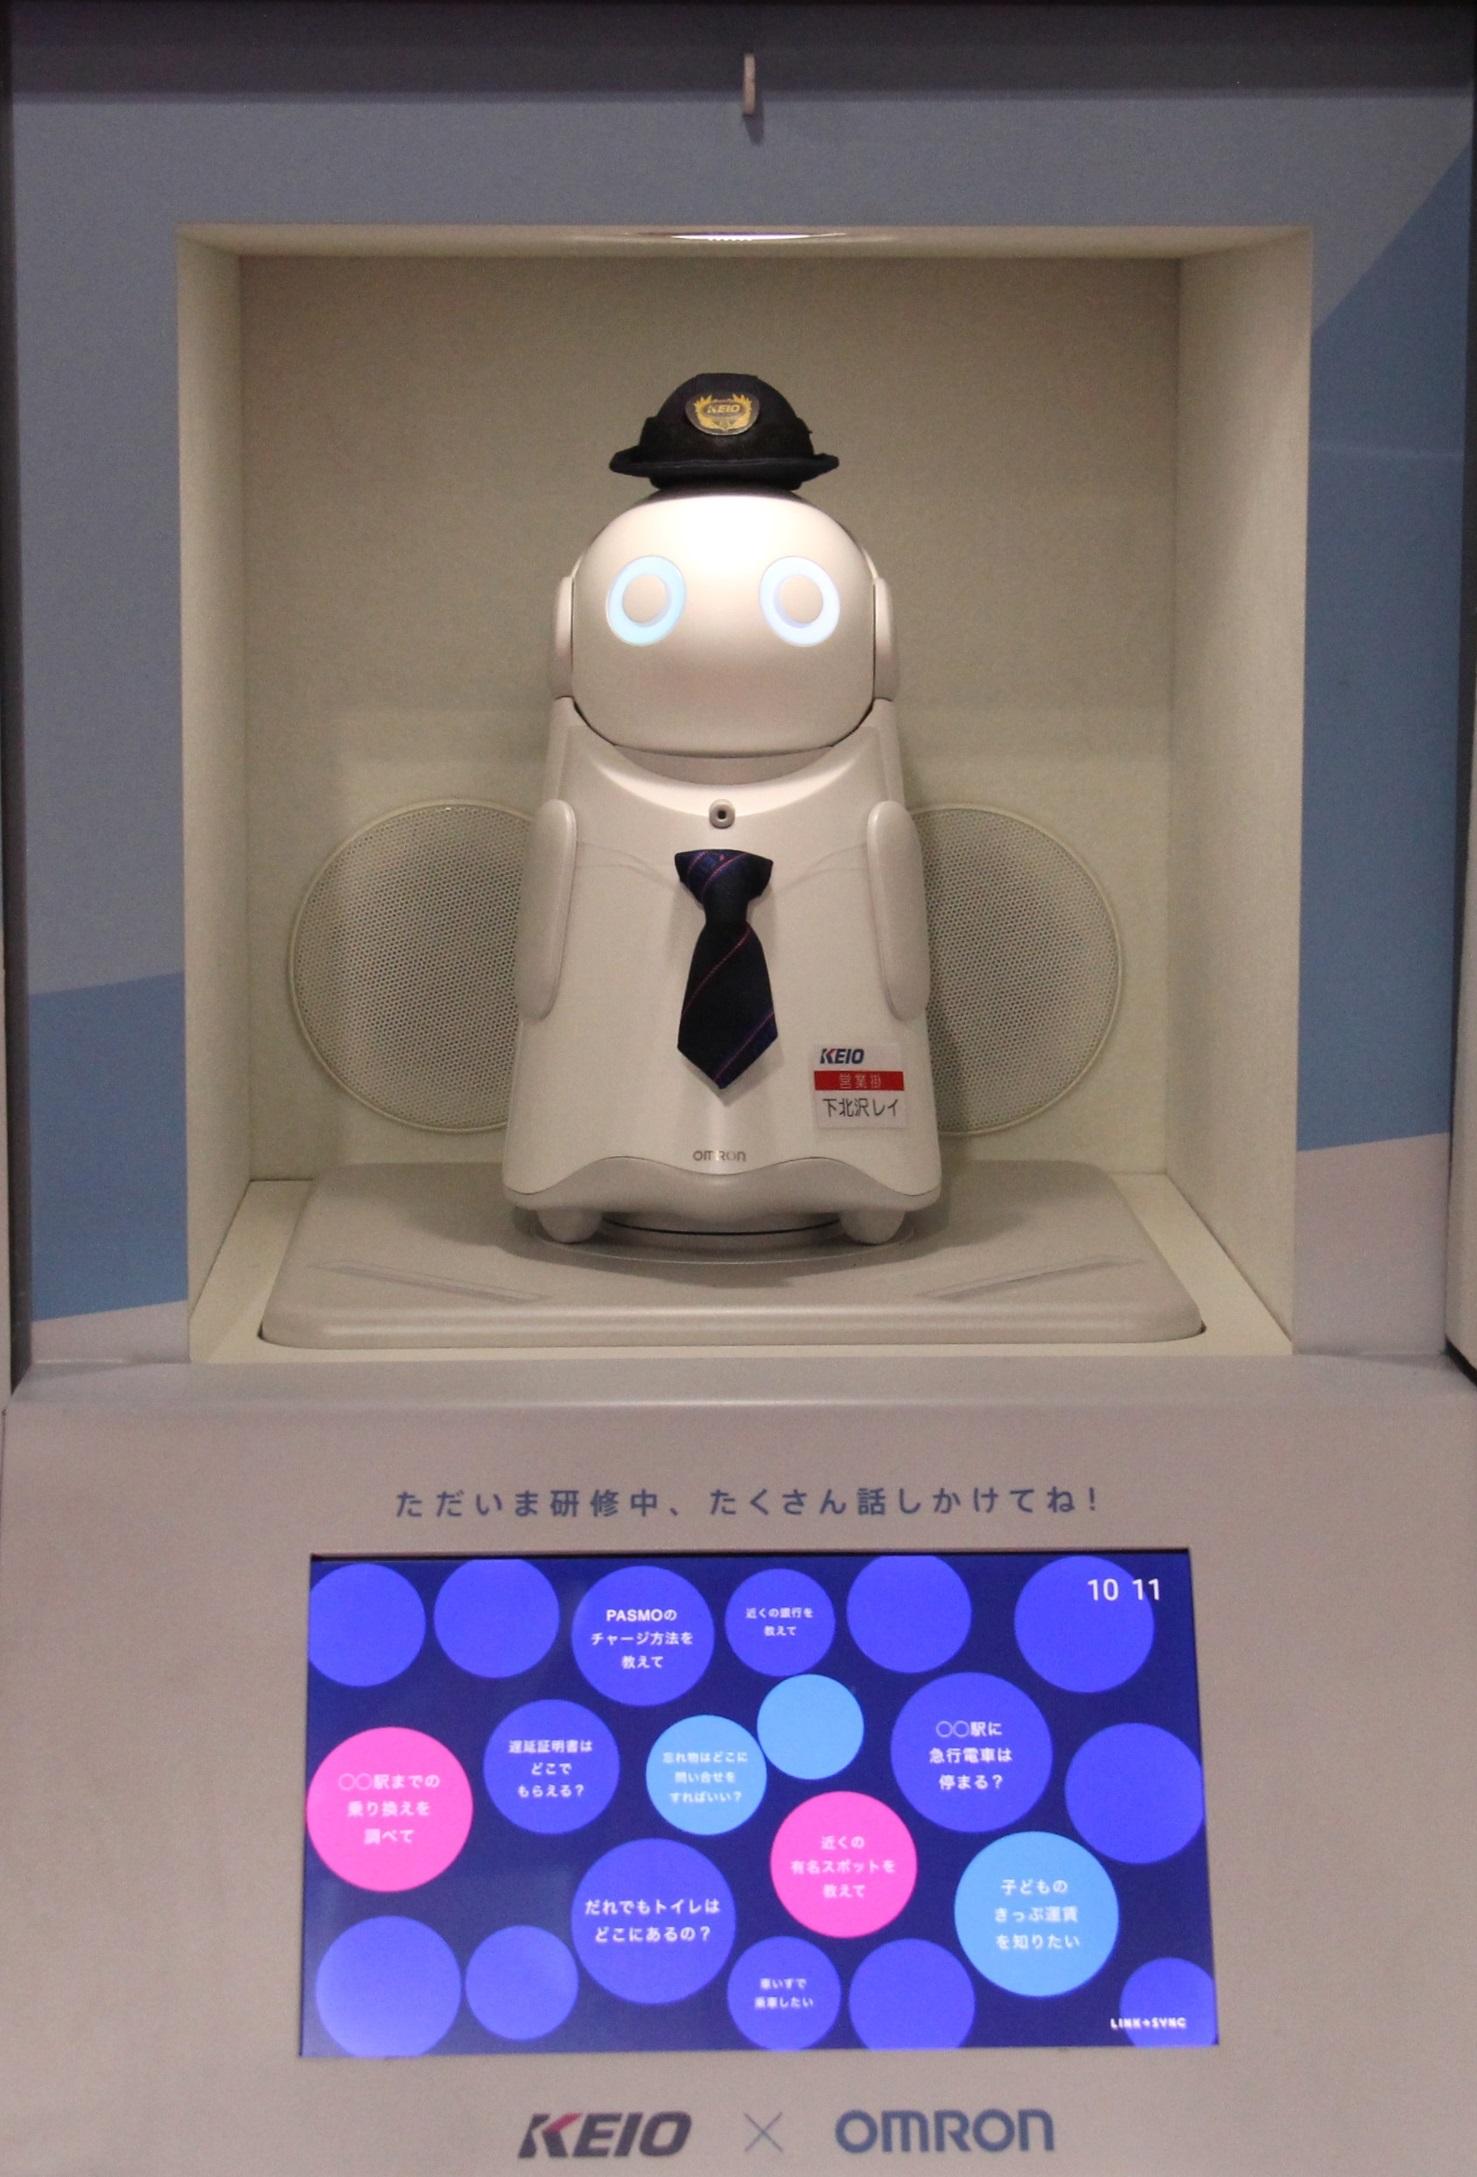 対話型AI窓口案内ロボ『下北沢レイ』